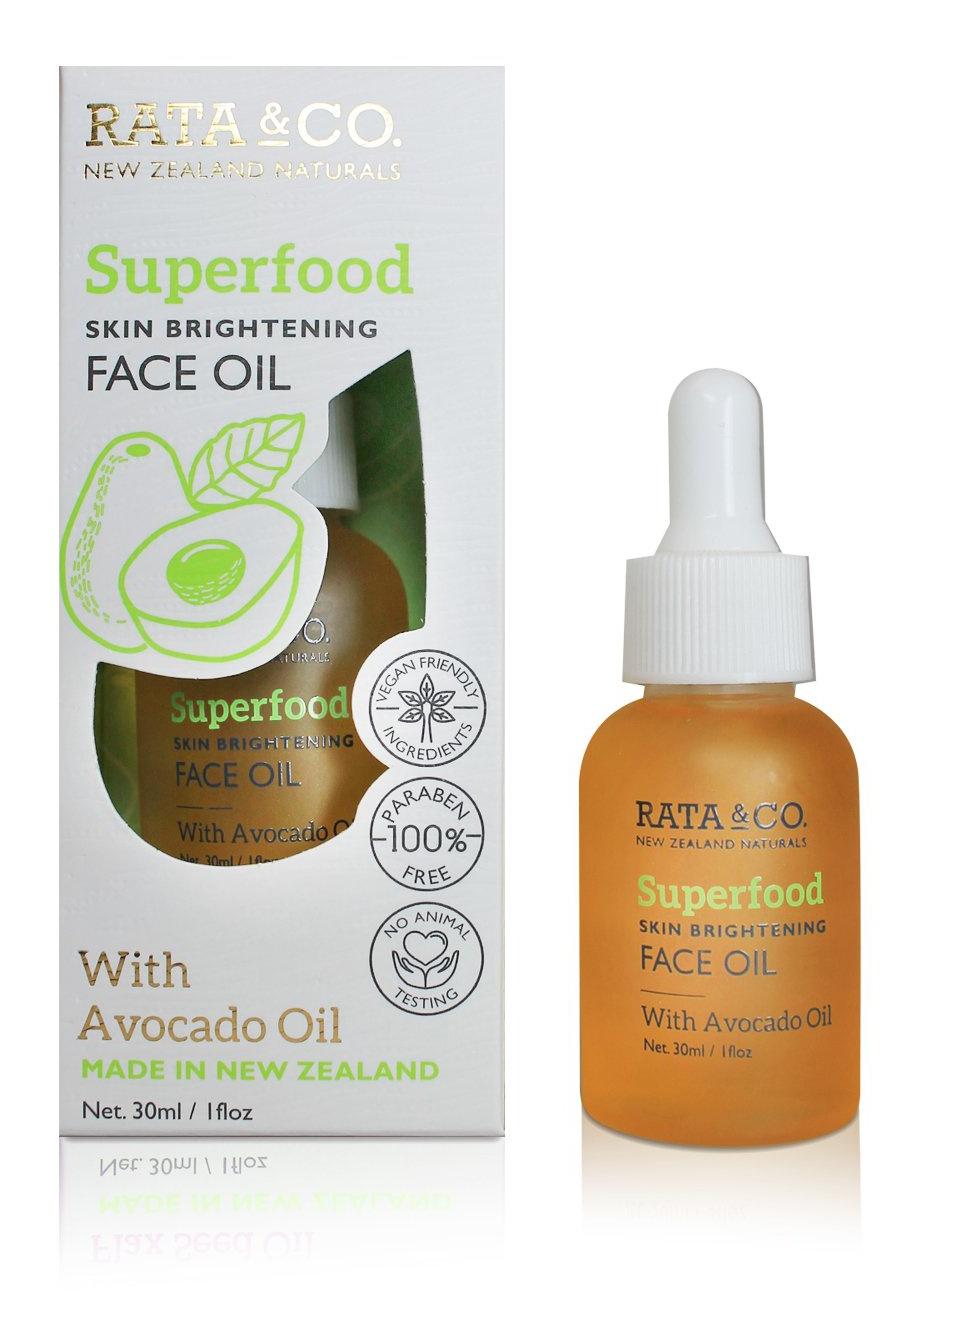 Rata & Co Avocado Oil